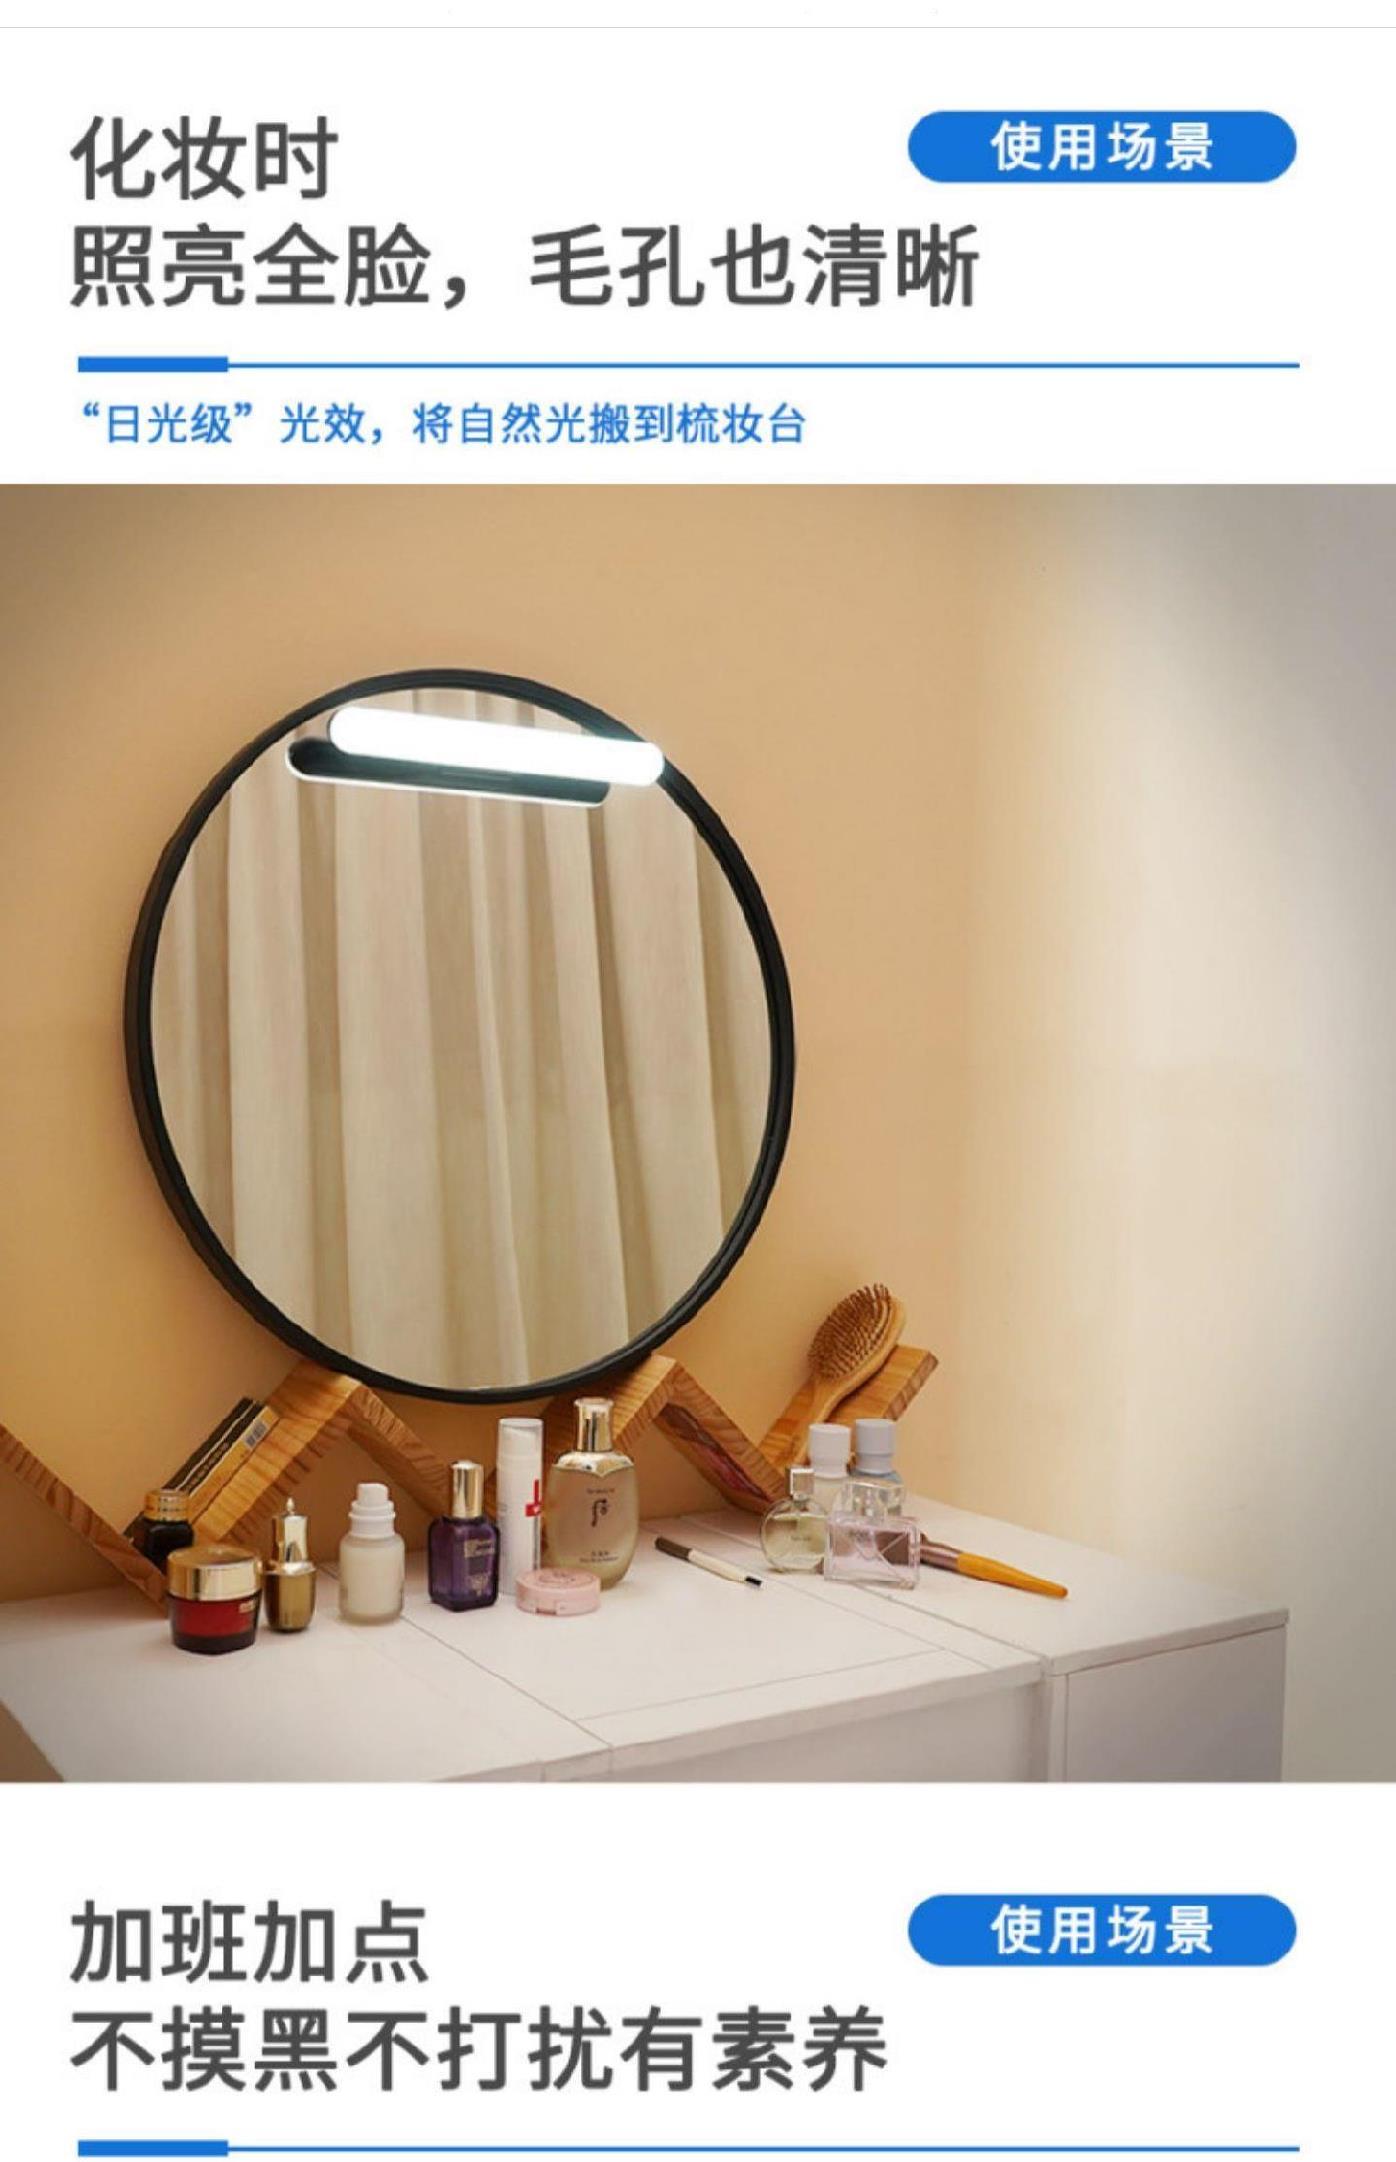 浴室虹洗脸盆免灯具无线朗前灯梳妆简约镜布线led台灯现代卫生间